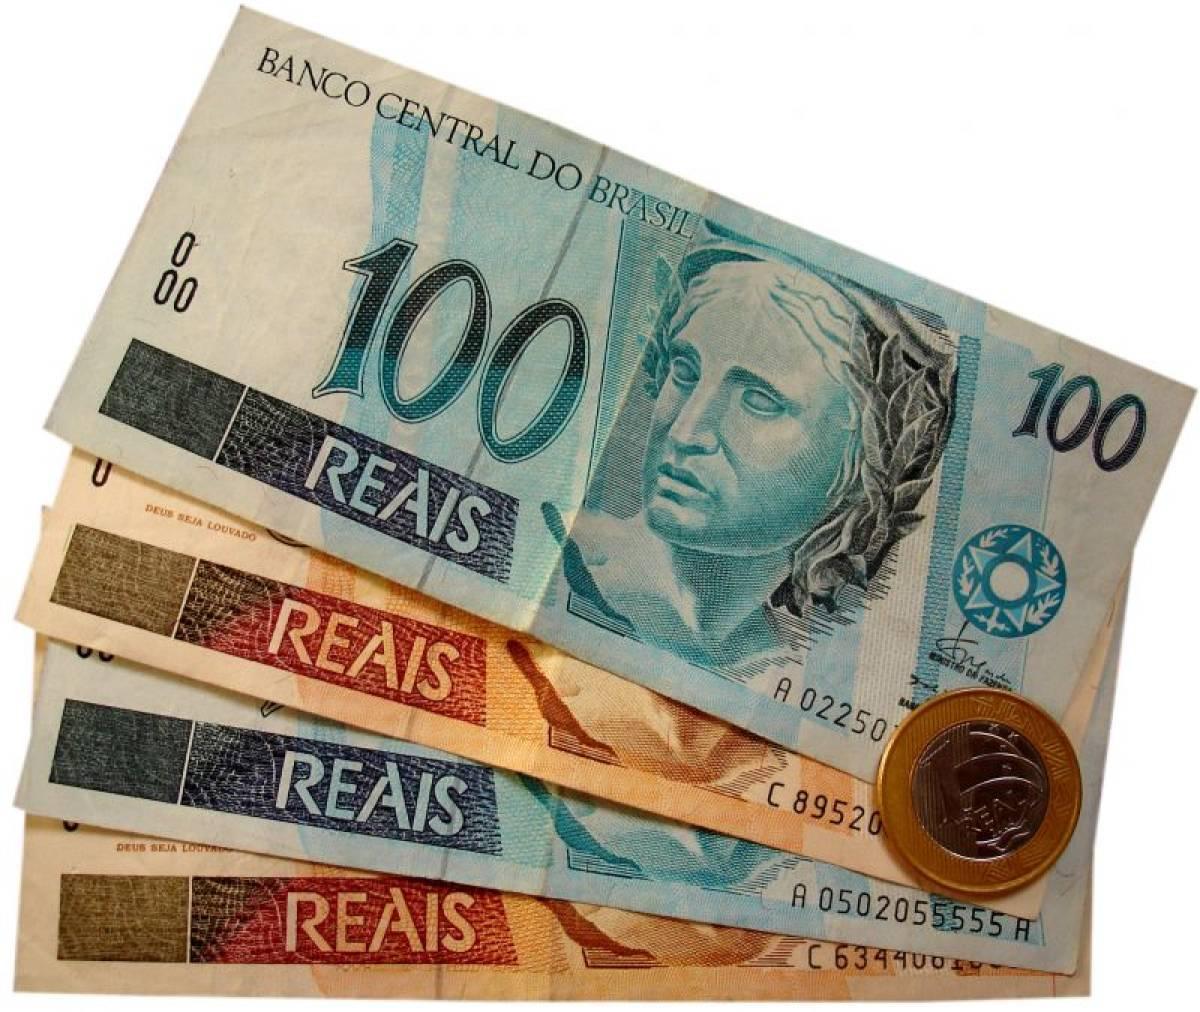 Juros do cheque especial e empréstimo pessoal voltam a subir em março